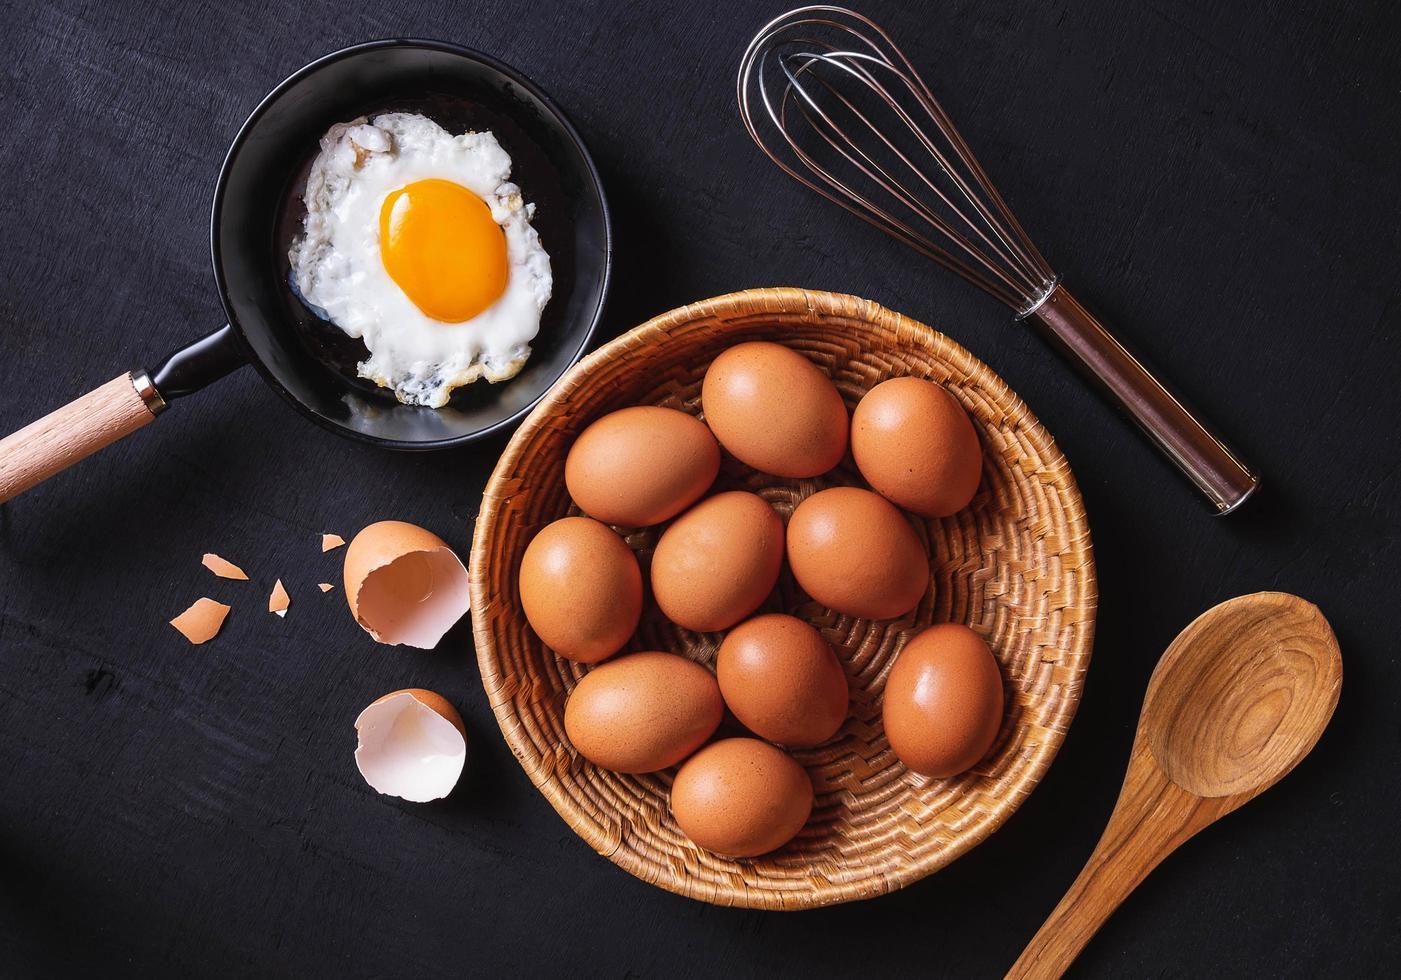 Pfanne mit Eiern und rohen Eiern foto